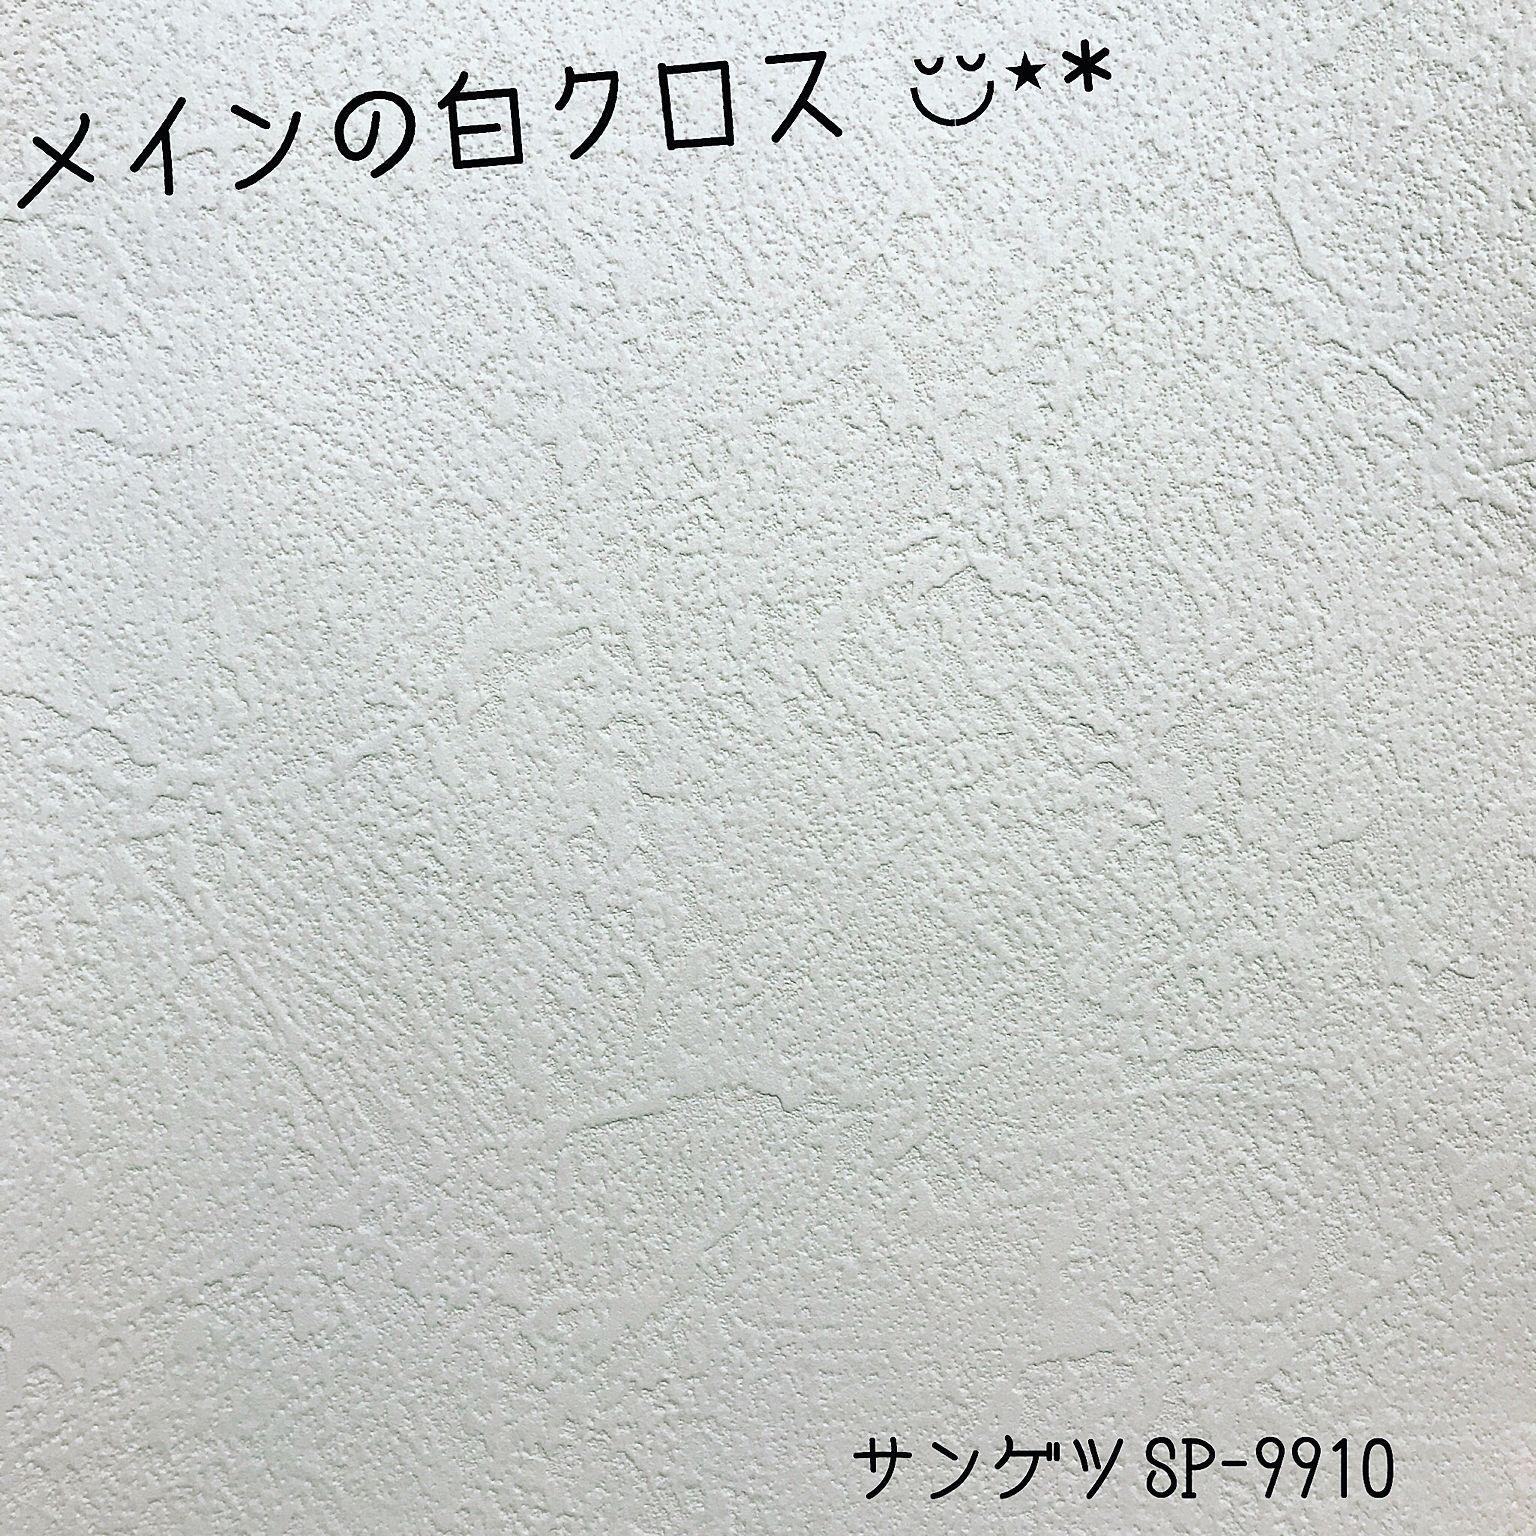 壁 天井 塗り壁風 メインクロス クロス サンゲツクロス などのインテリア実例 16 09 26 04 56 03 Roomclip ルームクリップ サンゲツ 壁紙 サンゲツ クロス